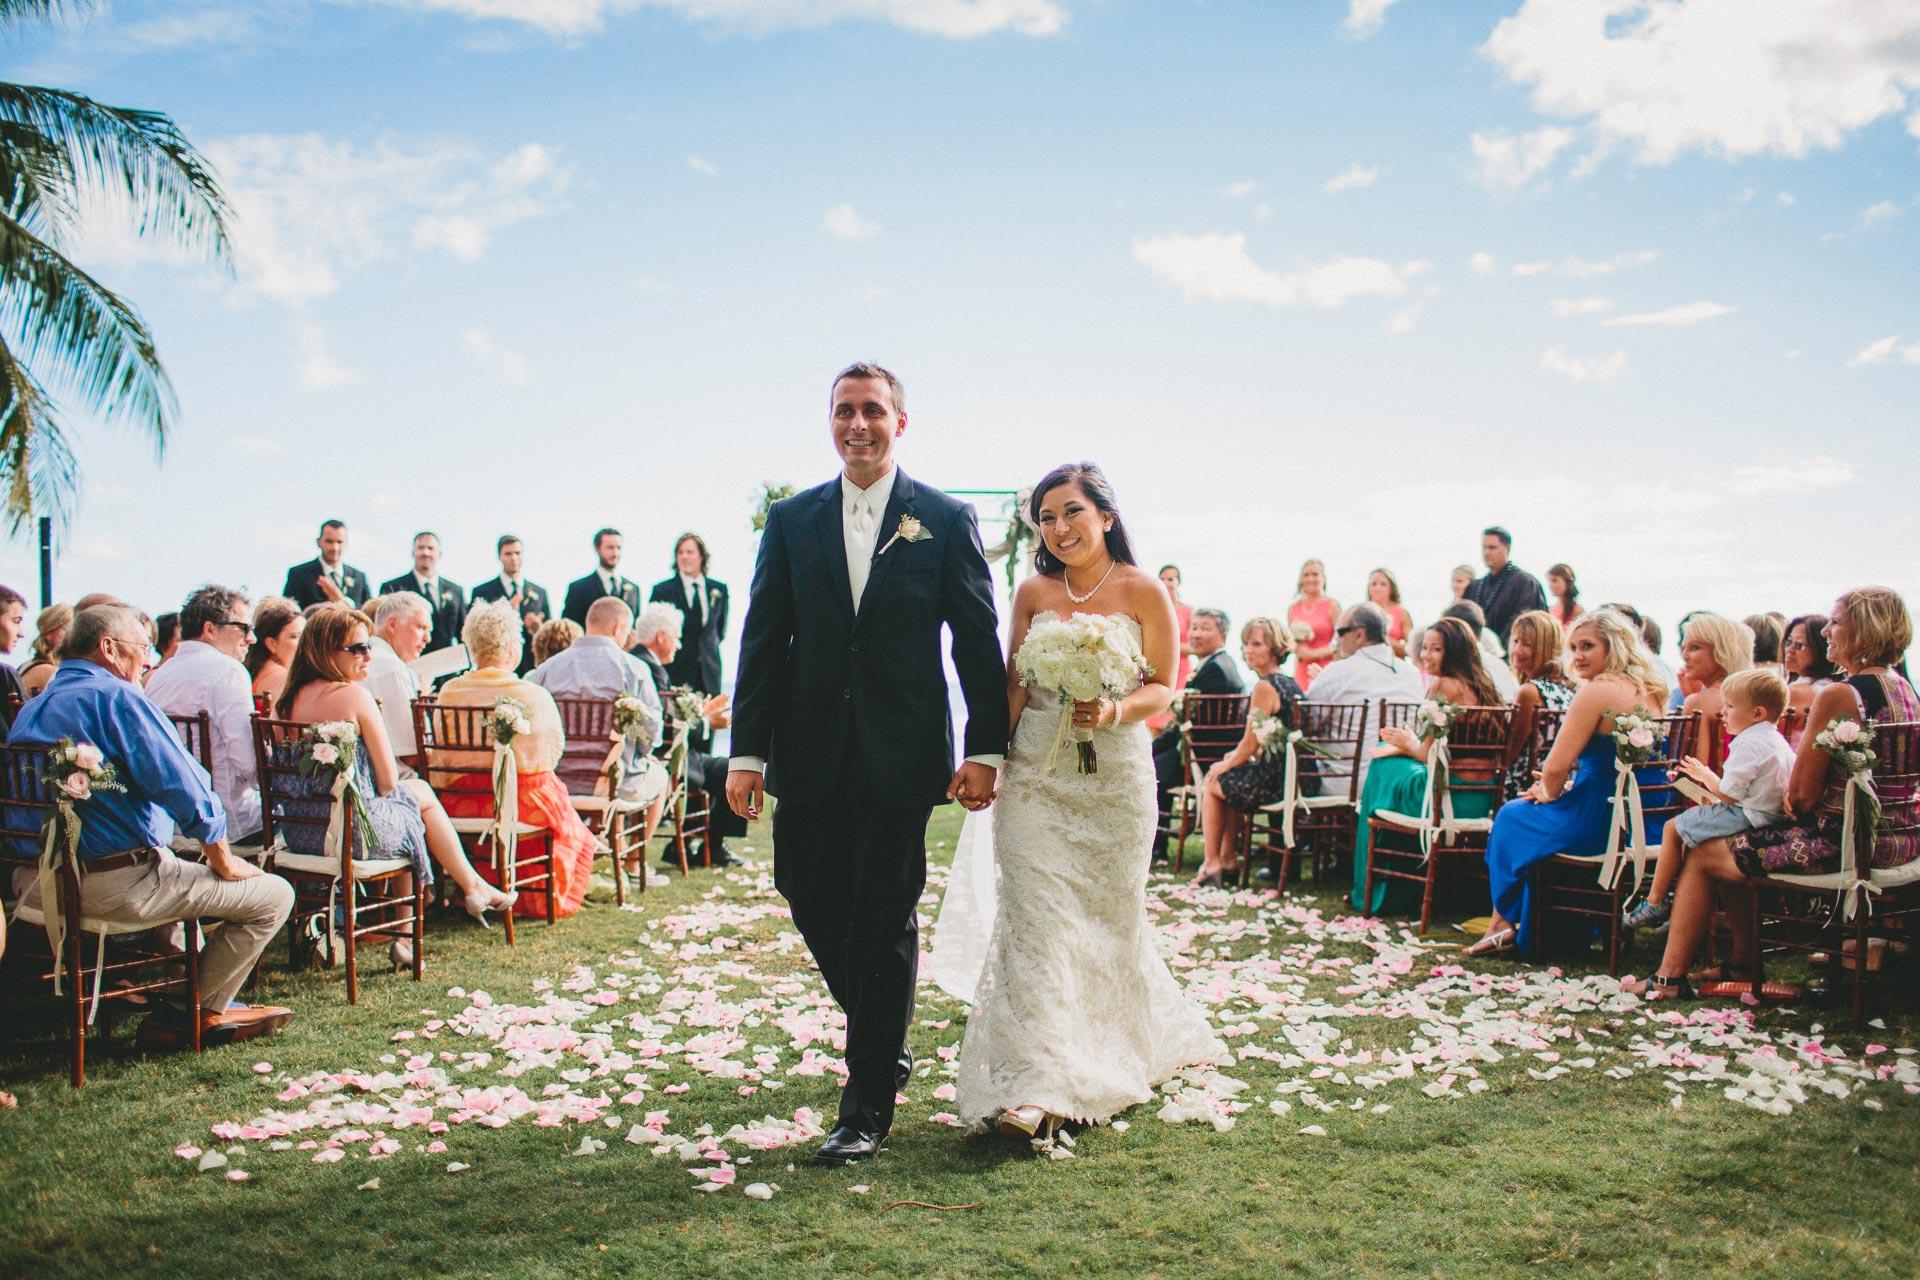 KW-Maui-Hawaii-Wedding-101@2x.jpg